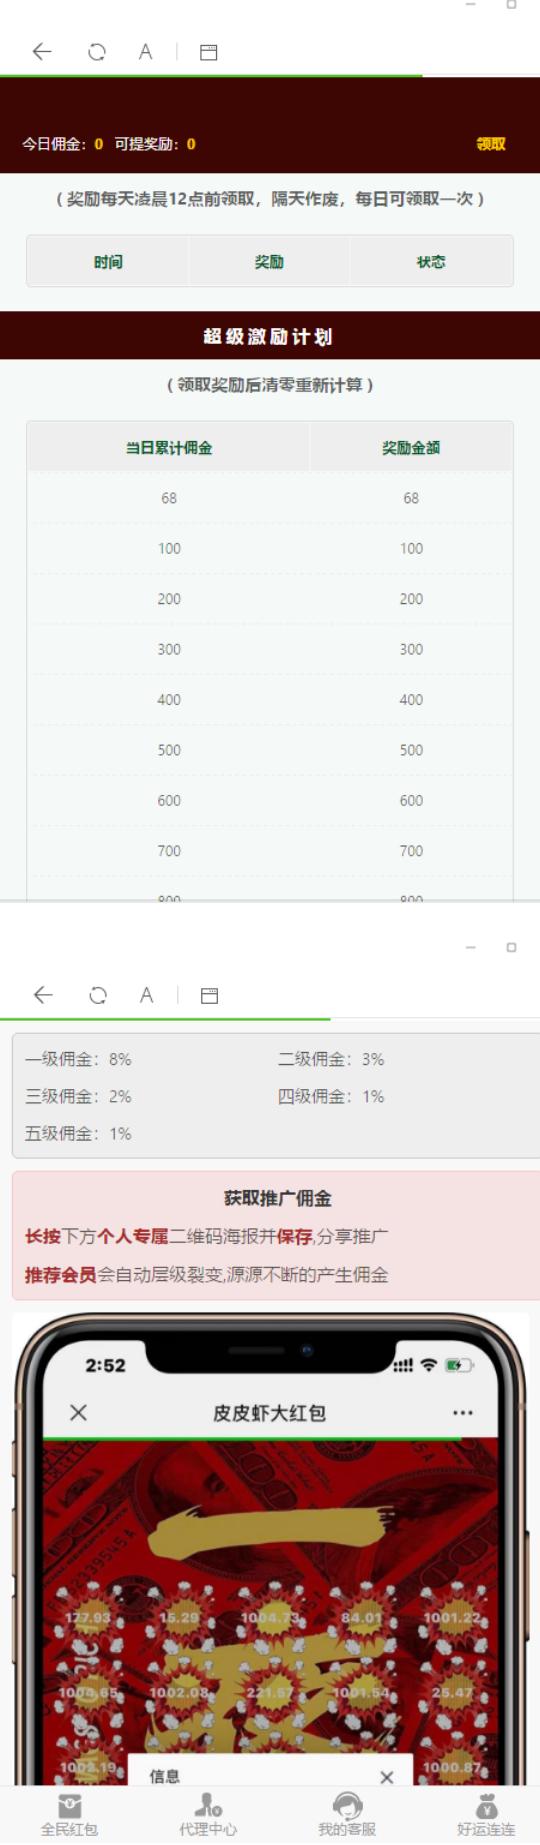 【亲测源码】最新蓝色红包雨/带完整搭建教程/支付已对接+完整视频搭建教程插图3